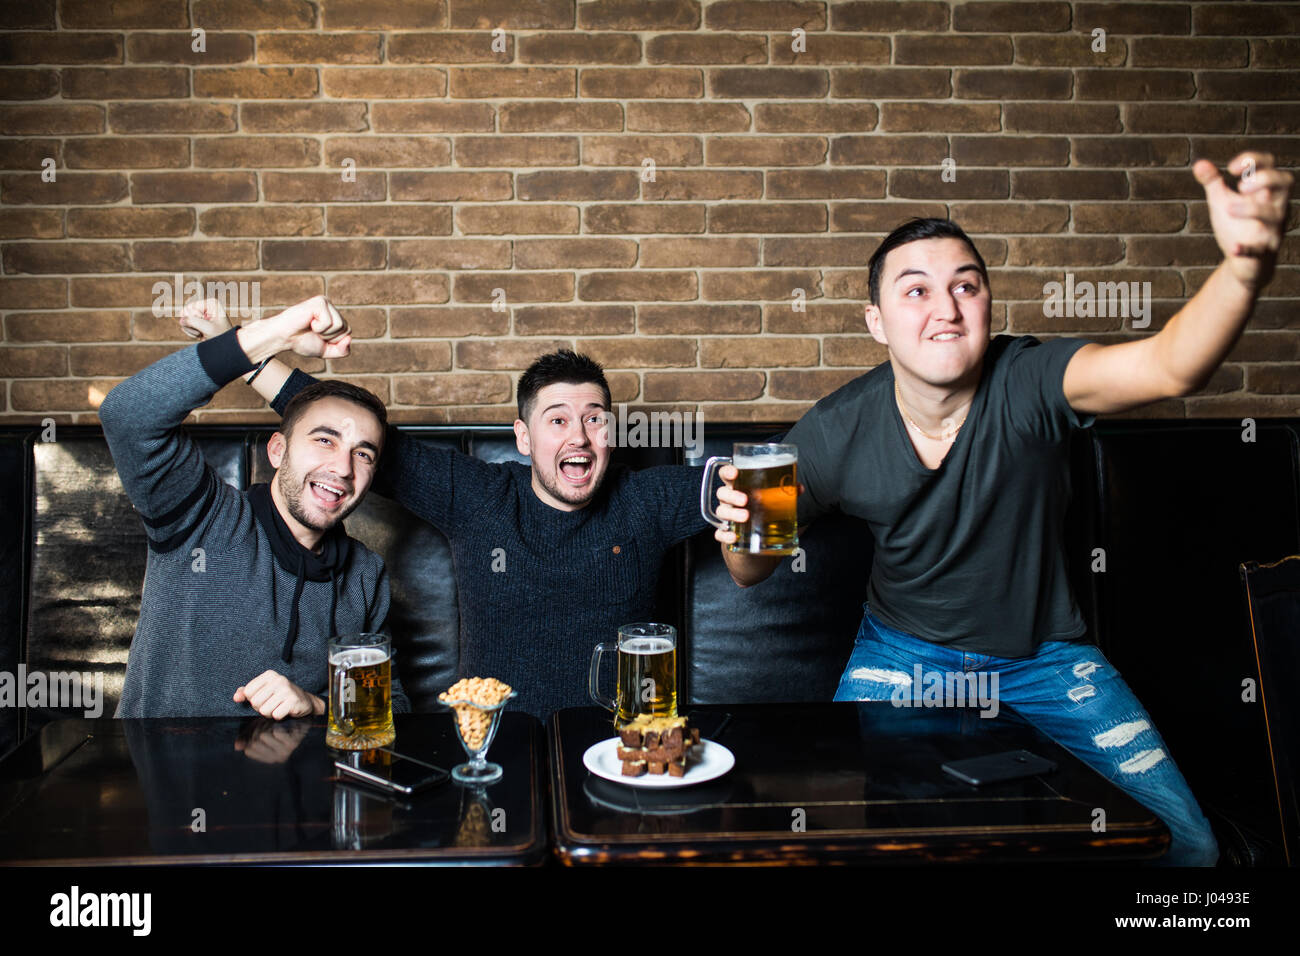 Los hombres jóvenes beben cerveza, comer snacks y vítores para el fútbol. Imagen De Stock